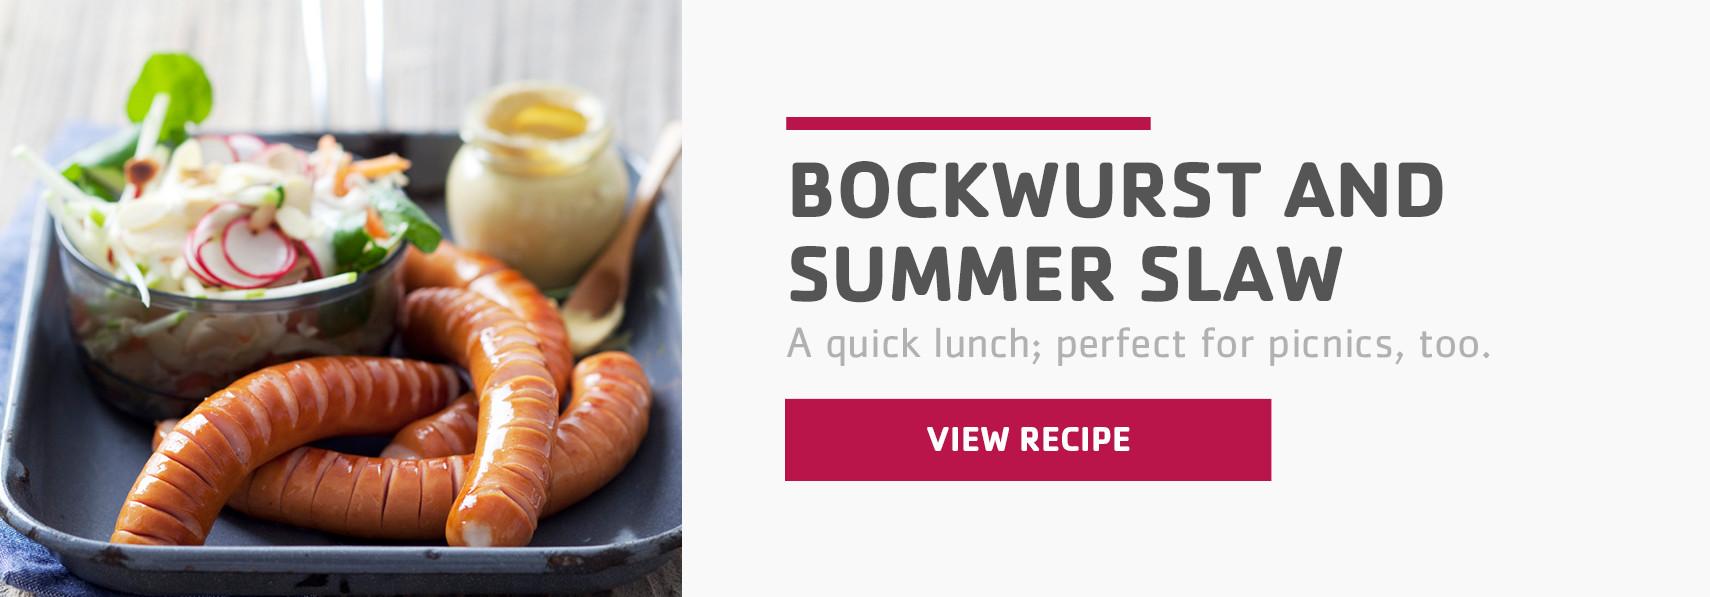 03_Lunchbox-Bockwurst&summer_slaw.jpg